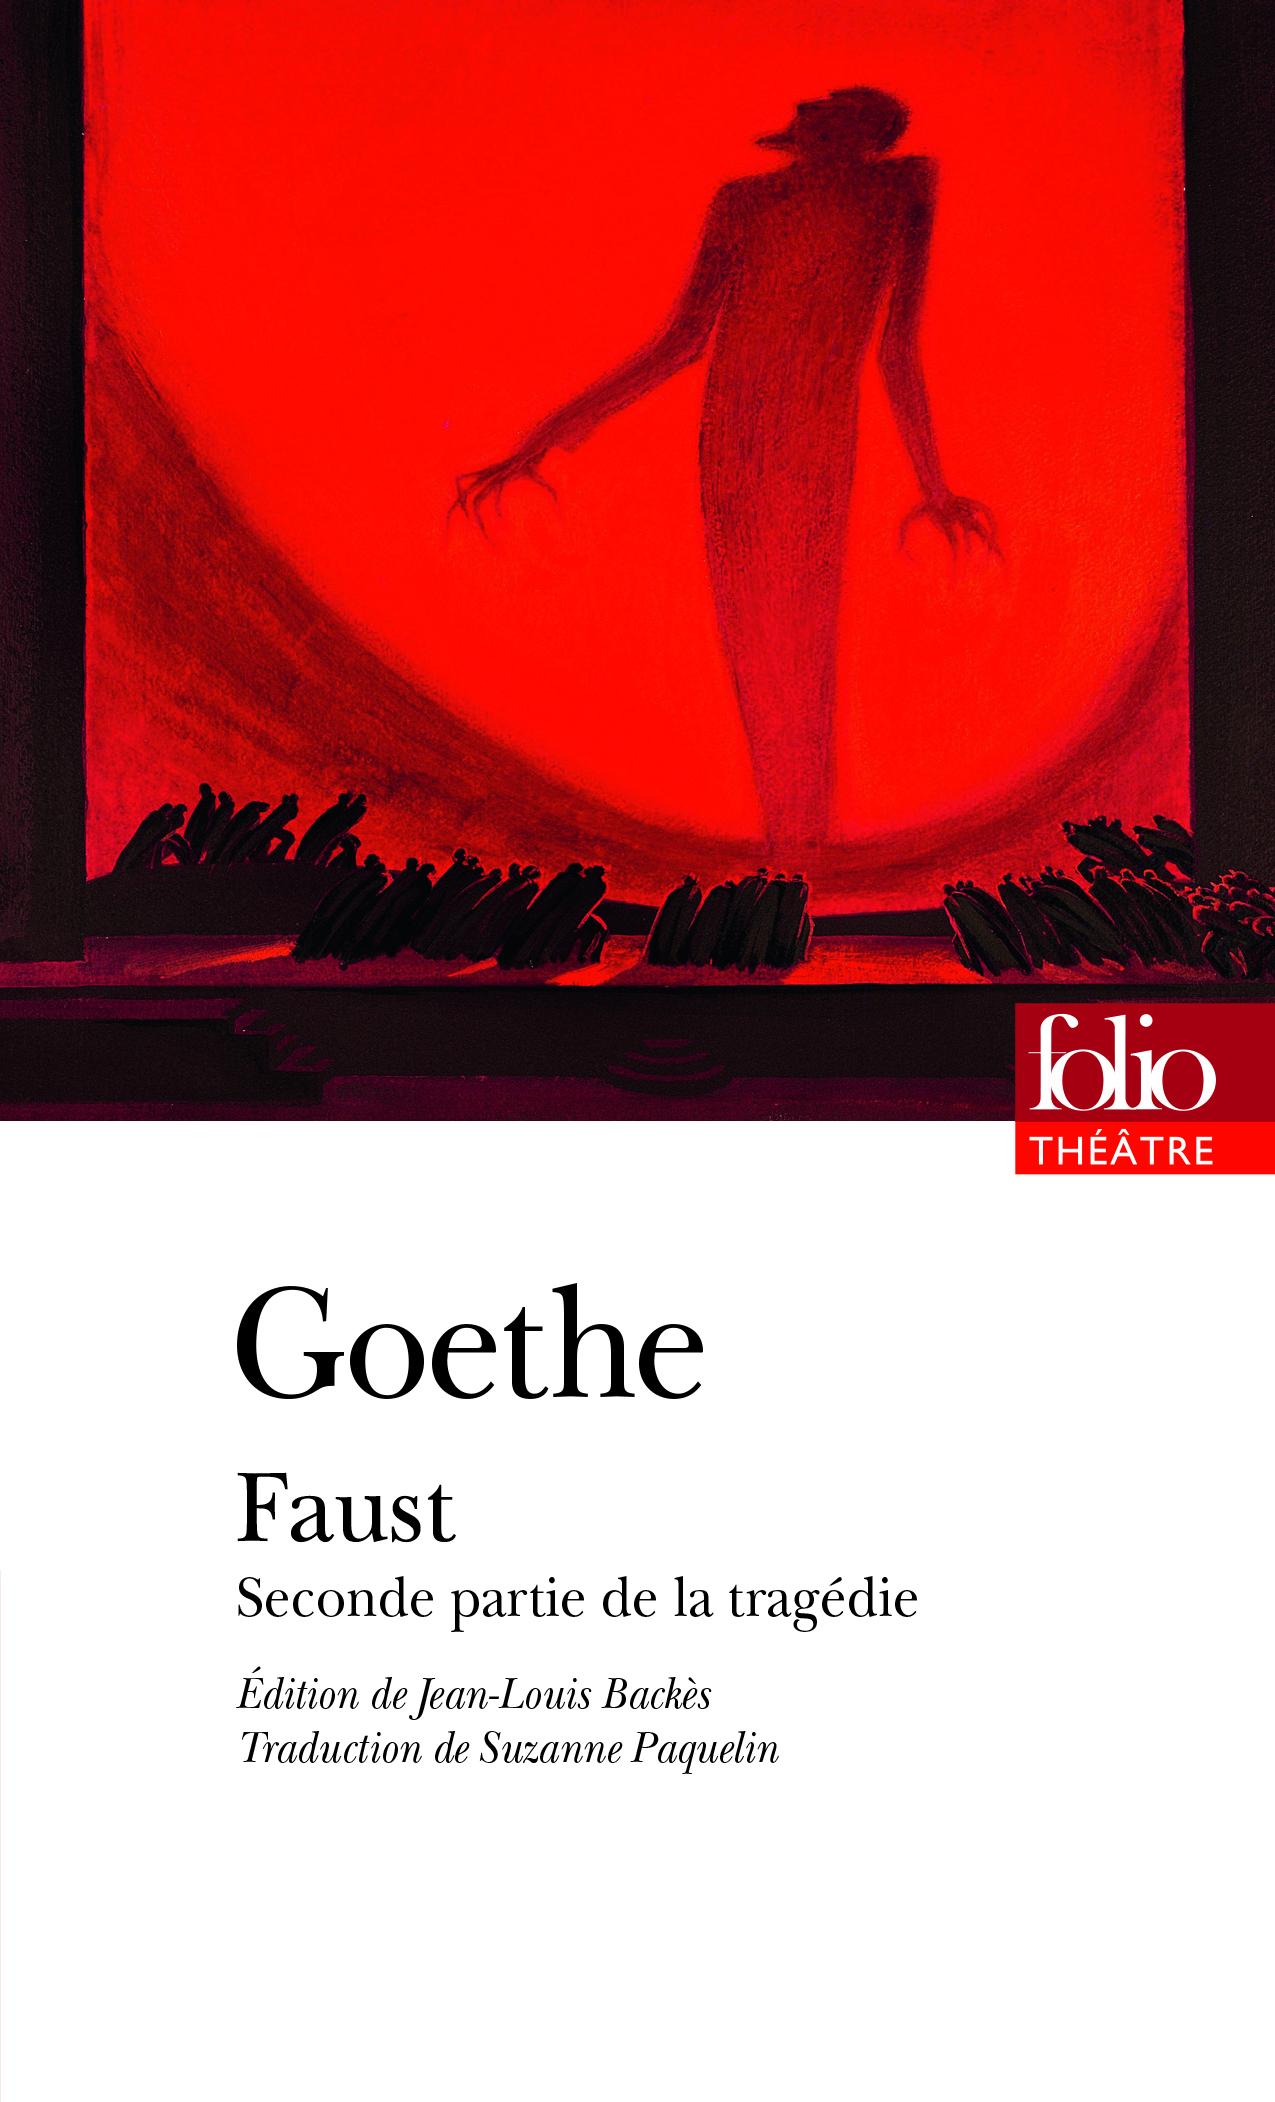 Goethe, Faust. Seconde partie de la tragédie (éd. J-L. Backès)